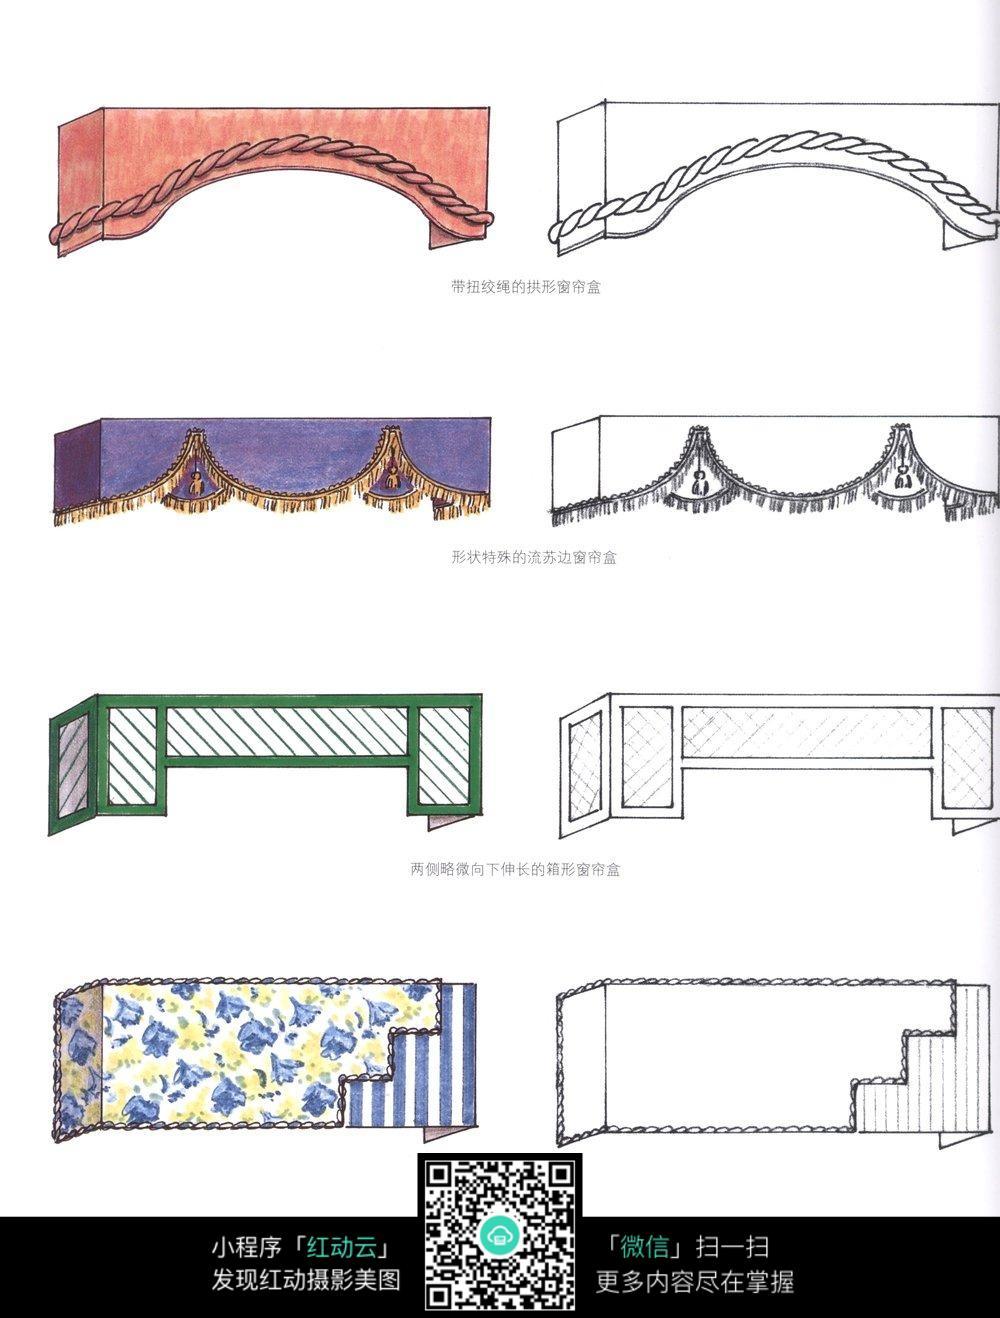 形状特殊的流苏边窗帘盒